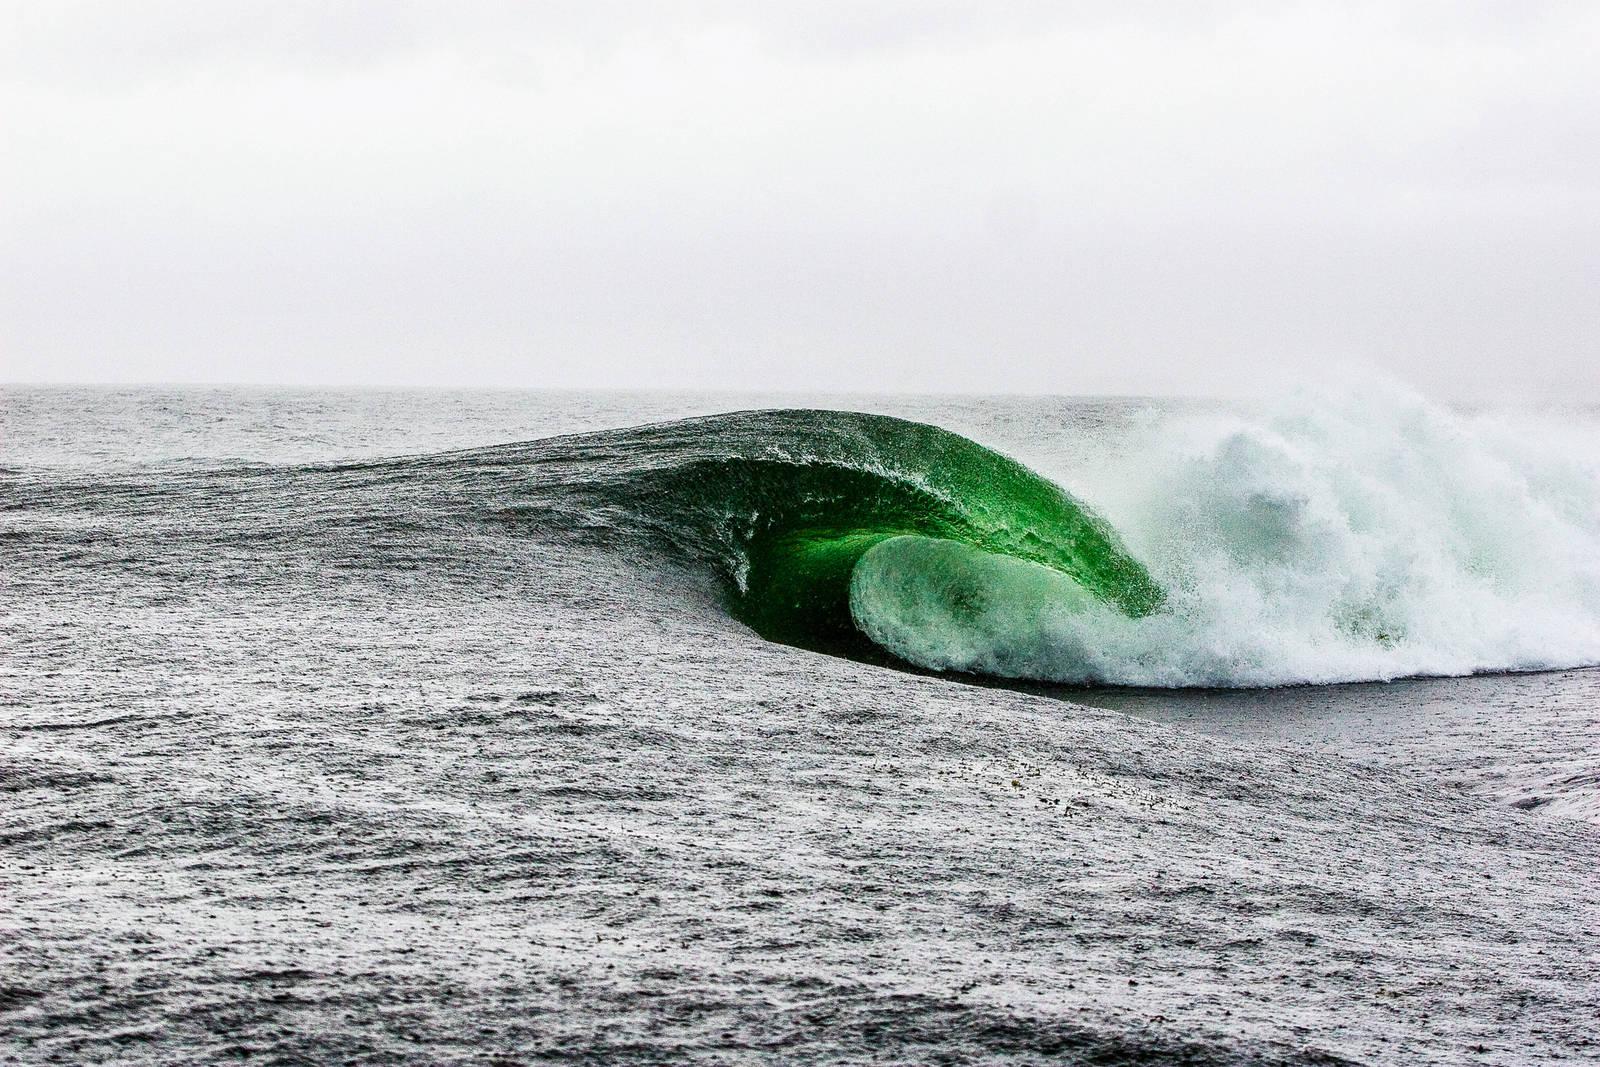 Det kan være fristende å sammenlikne Boffen med den verdensberømte bølgen Teahupoo på Tahiti. Boffen suger opp vannet foran deg og nærmest tørrlegger revet i forkant. Bilde: Christian Nerdrum